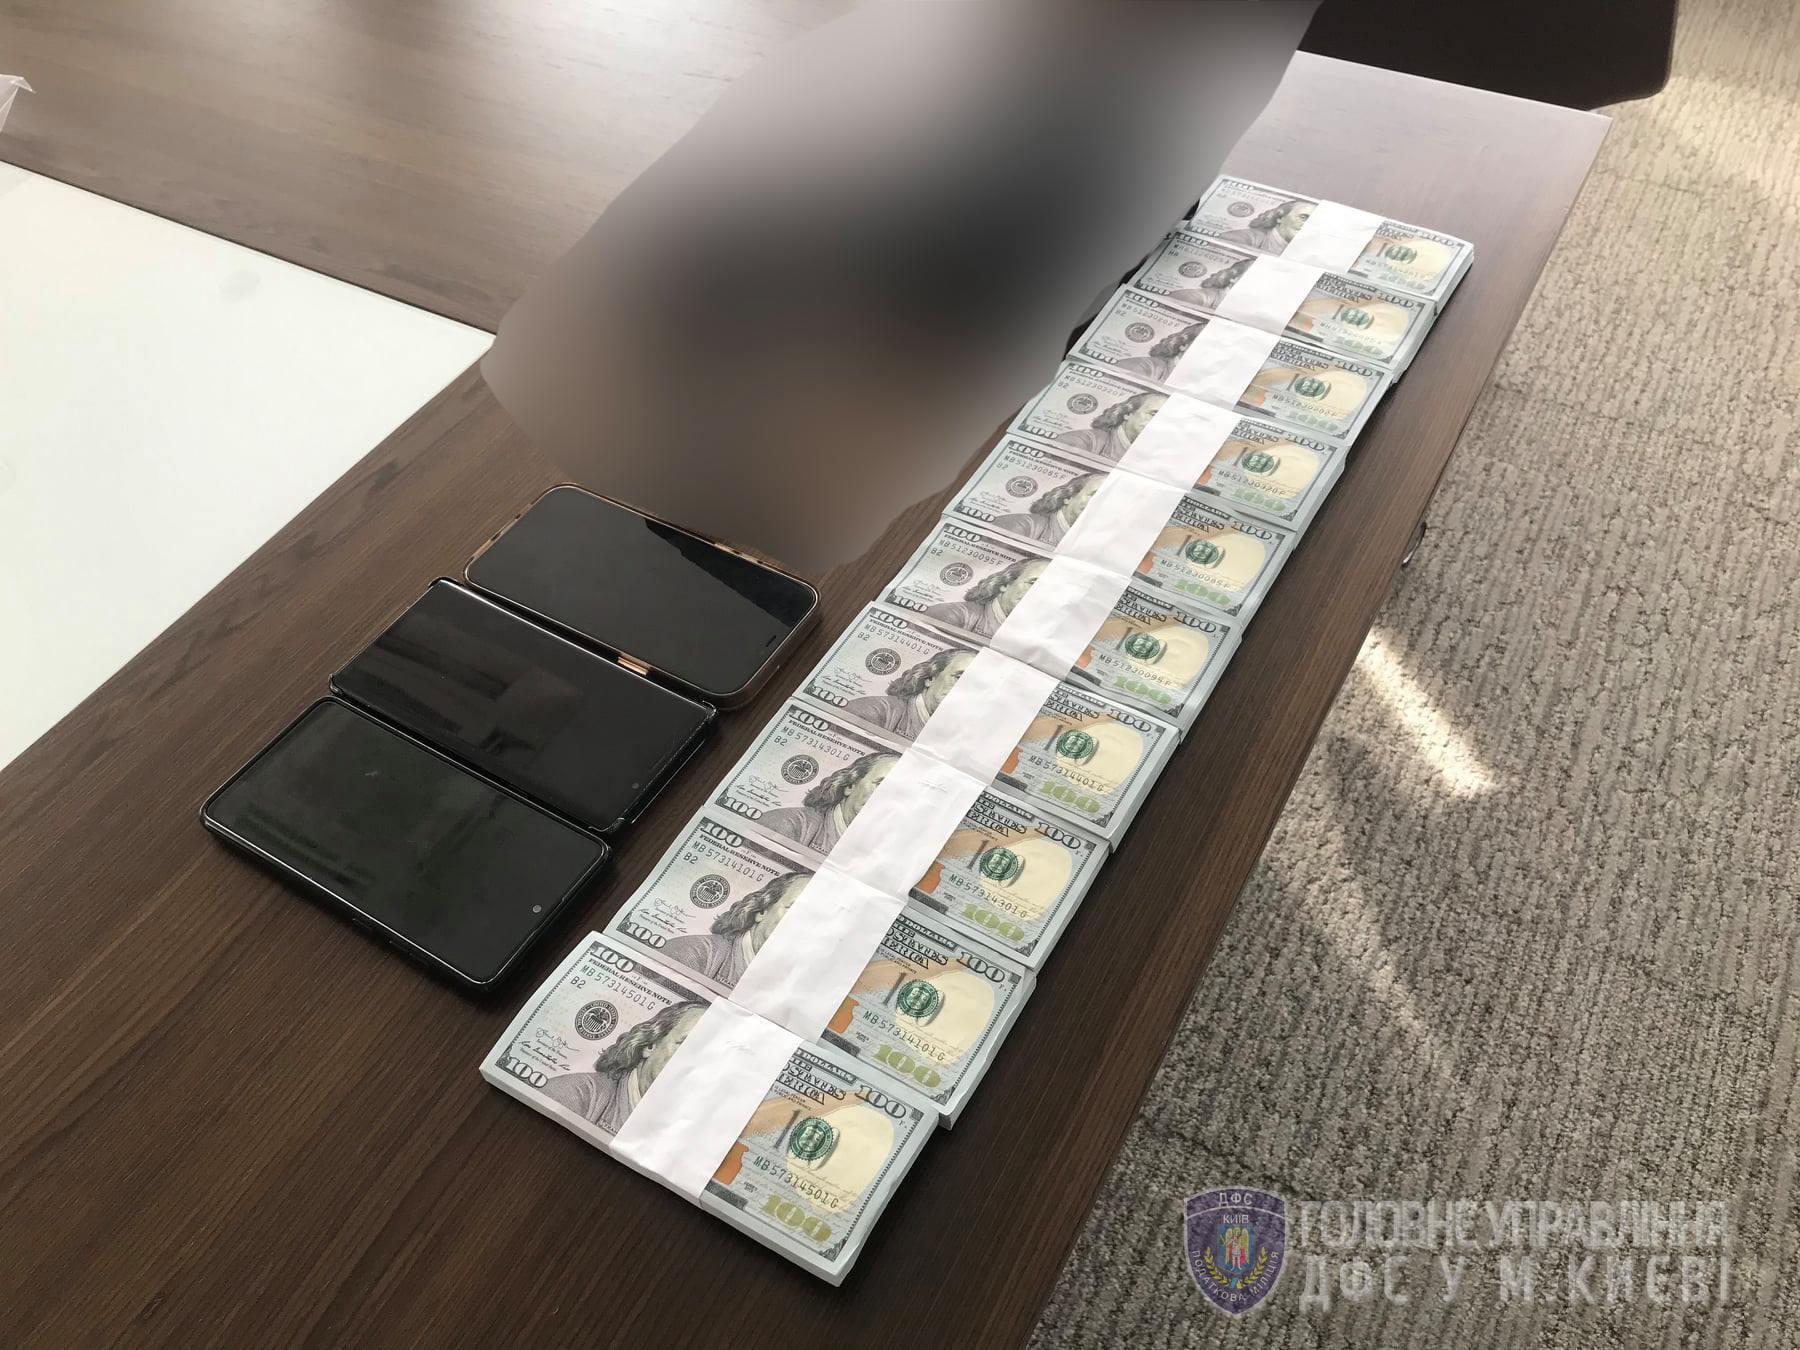 Було вилучено 130 тисяч доларів США готівкою